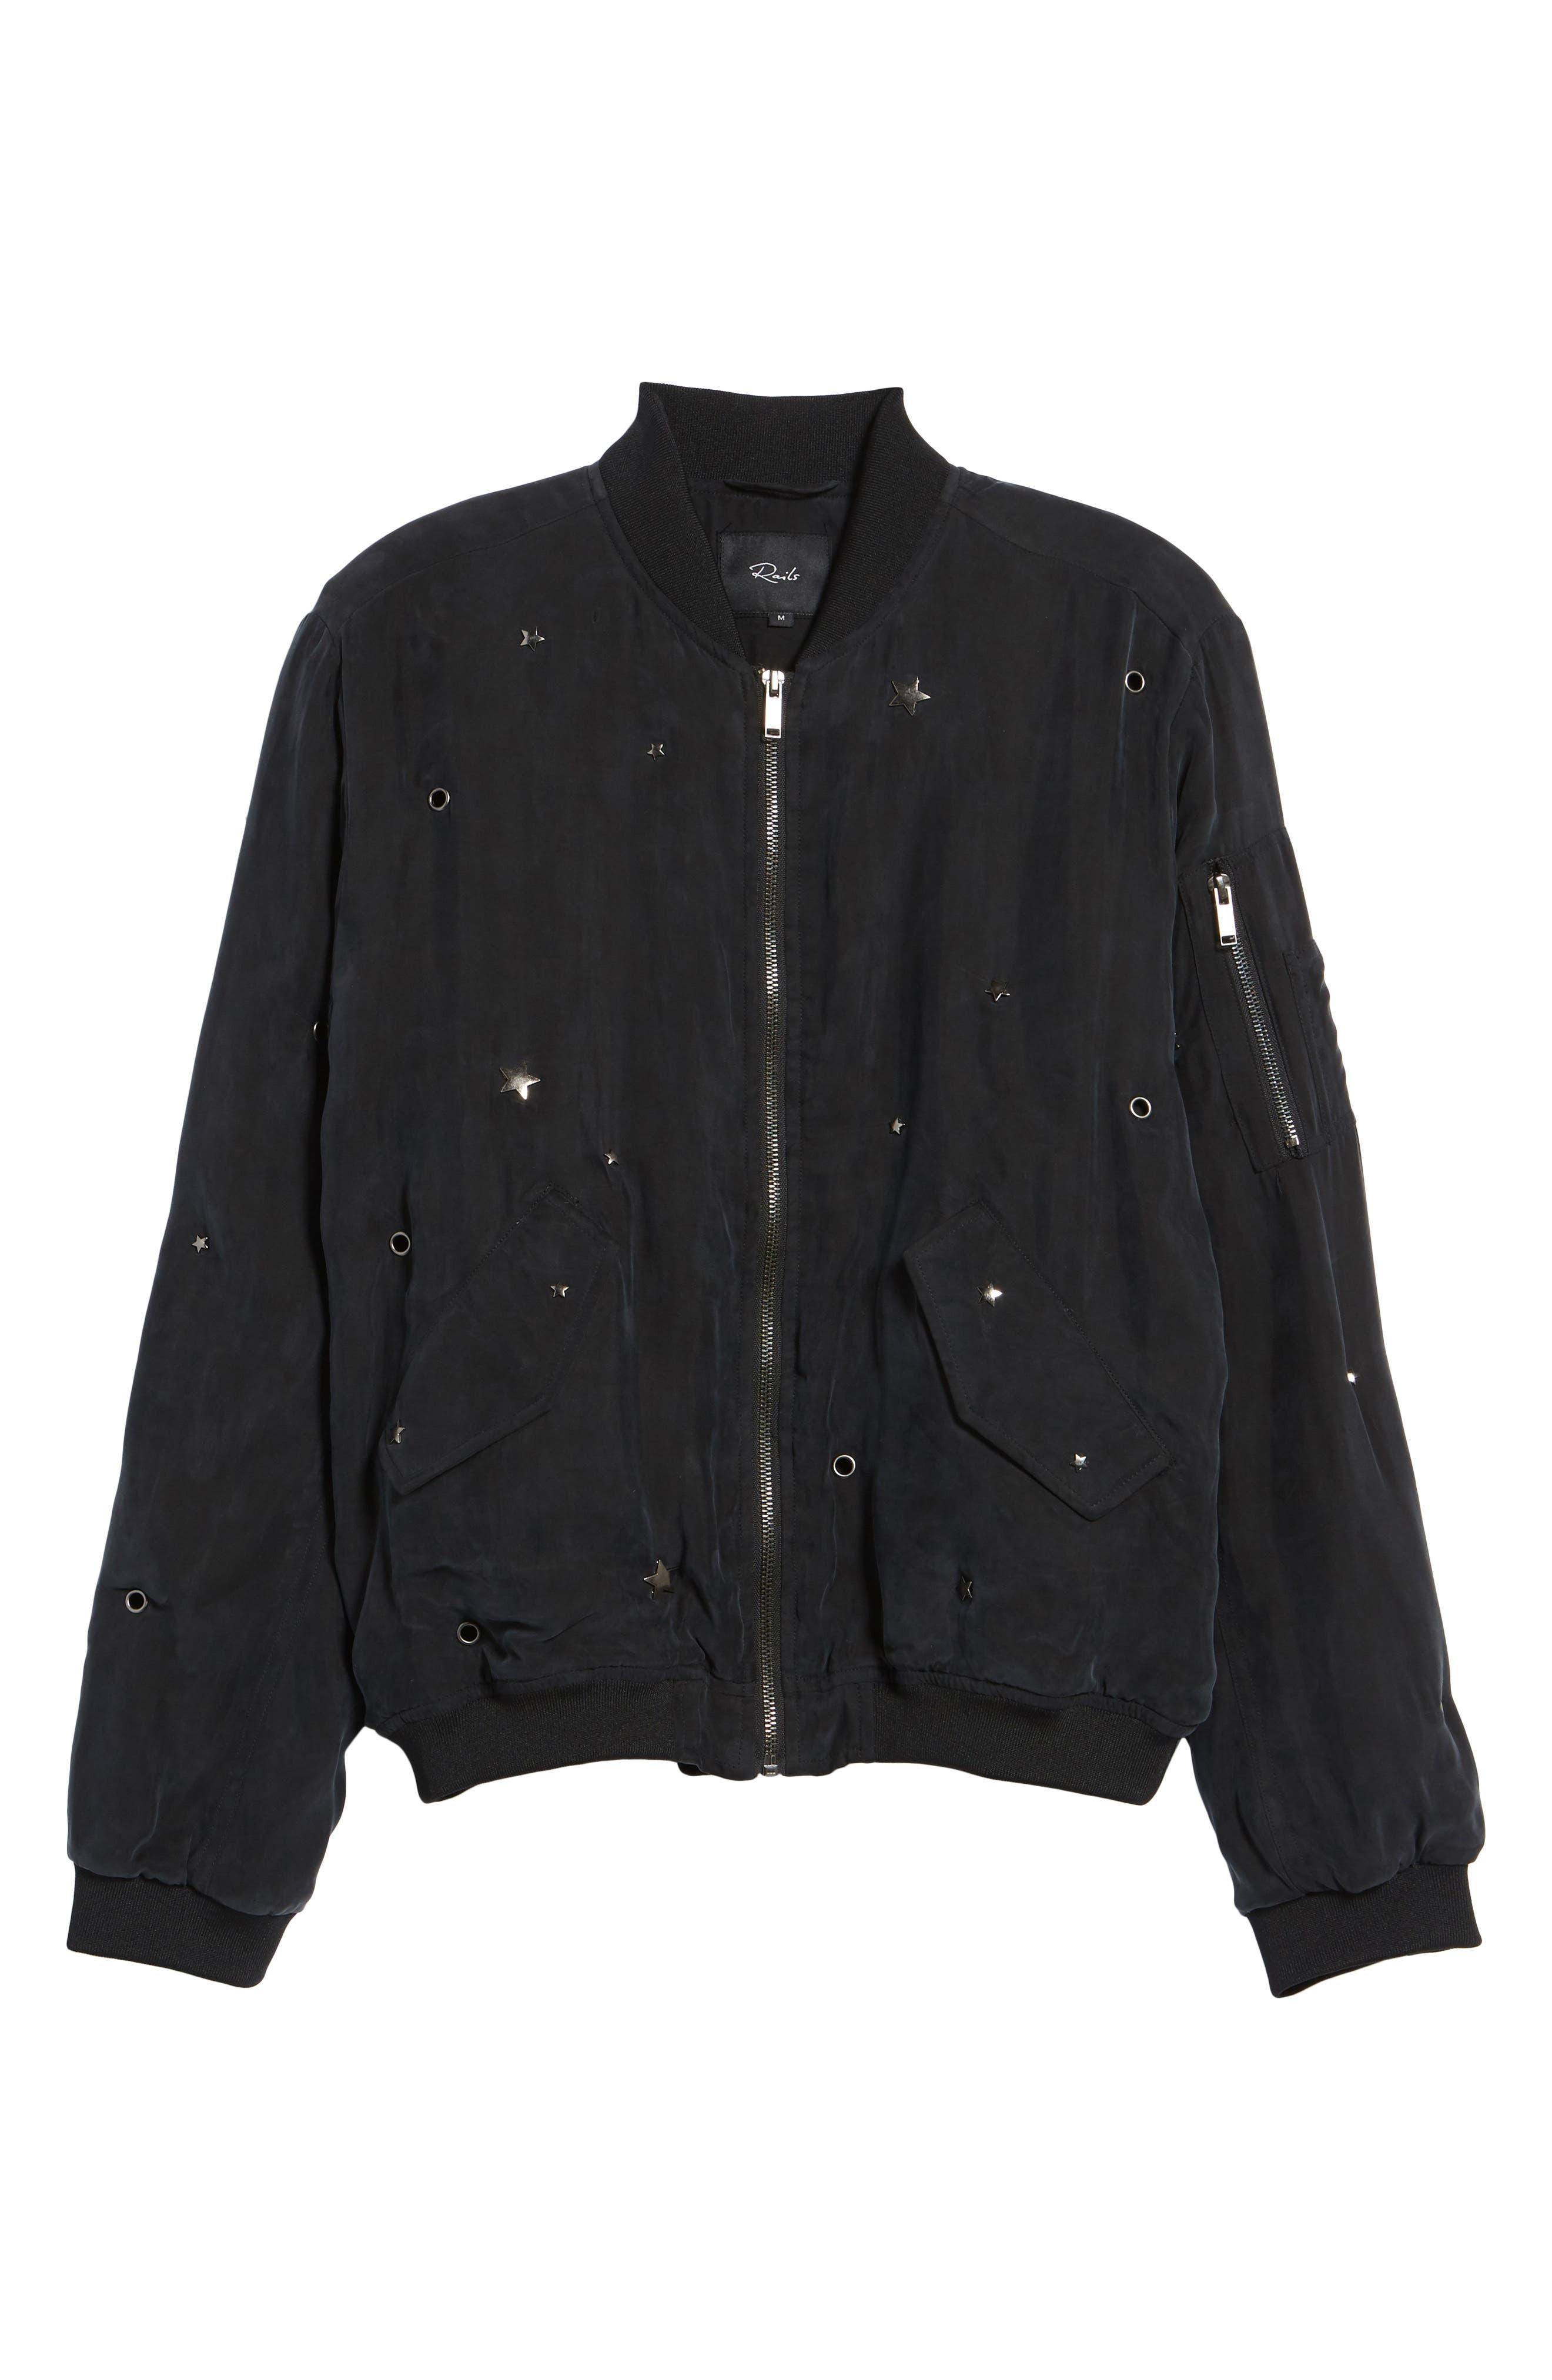 Ace Embellished Bomber Jacket,                             Alternate thumbnail 6, color,                             Black-Studded